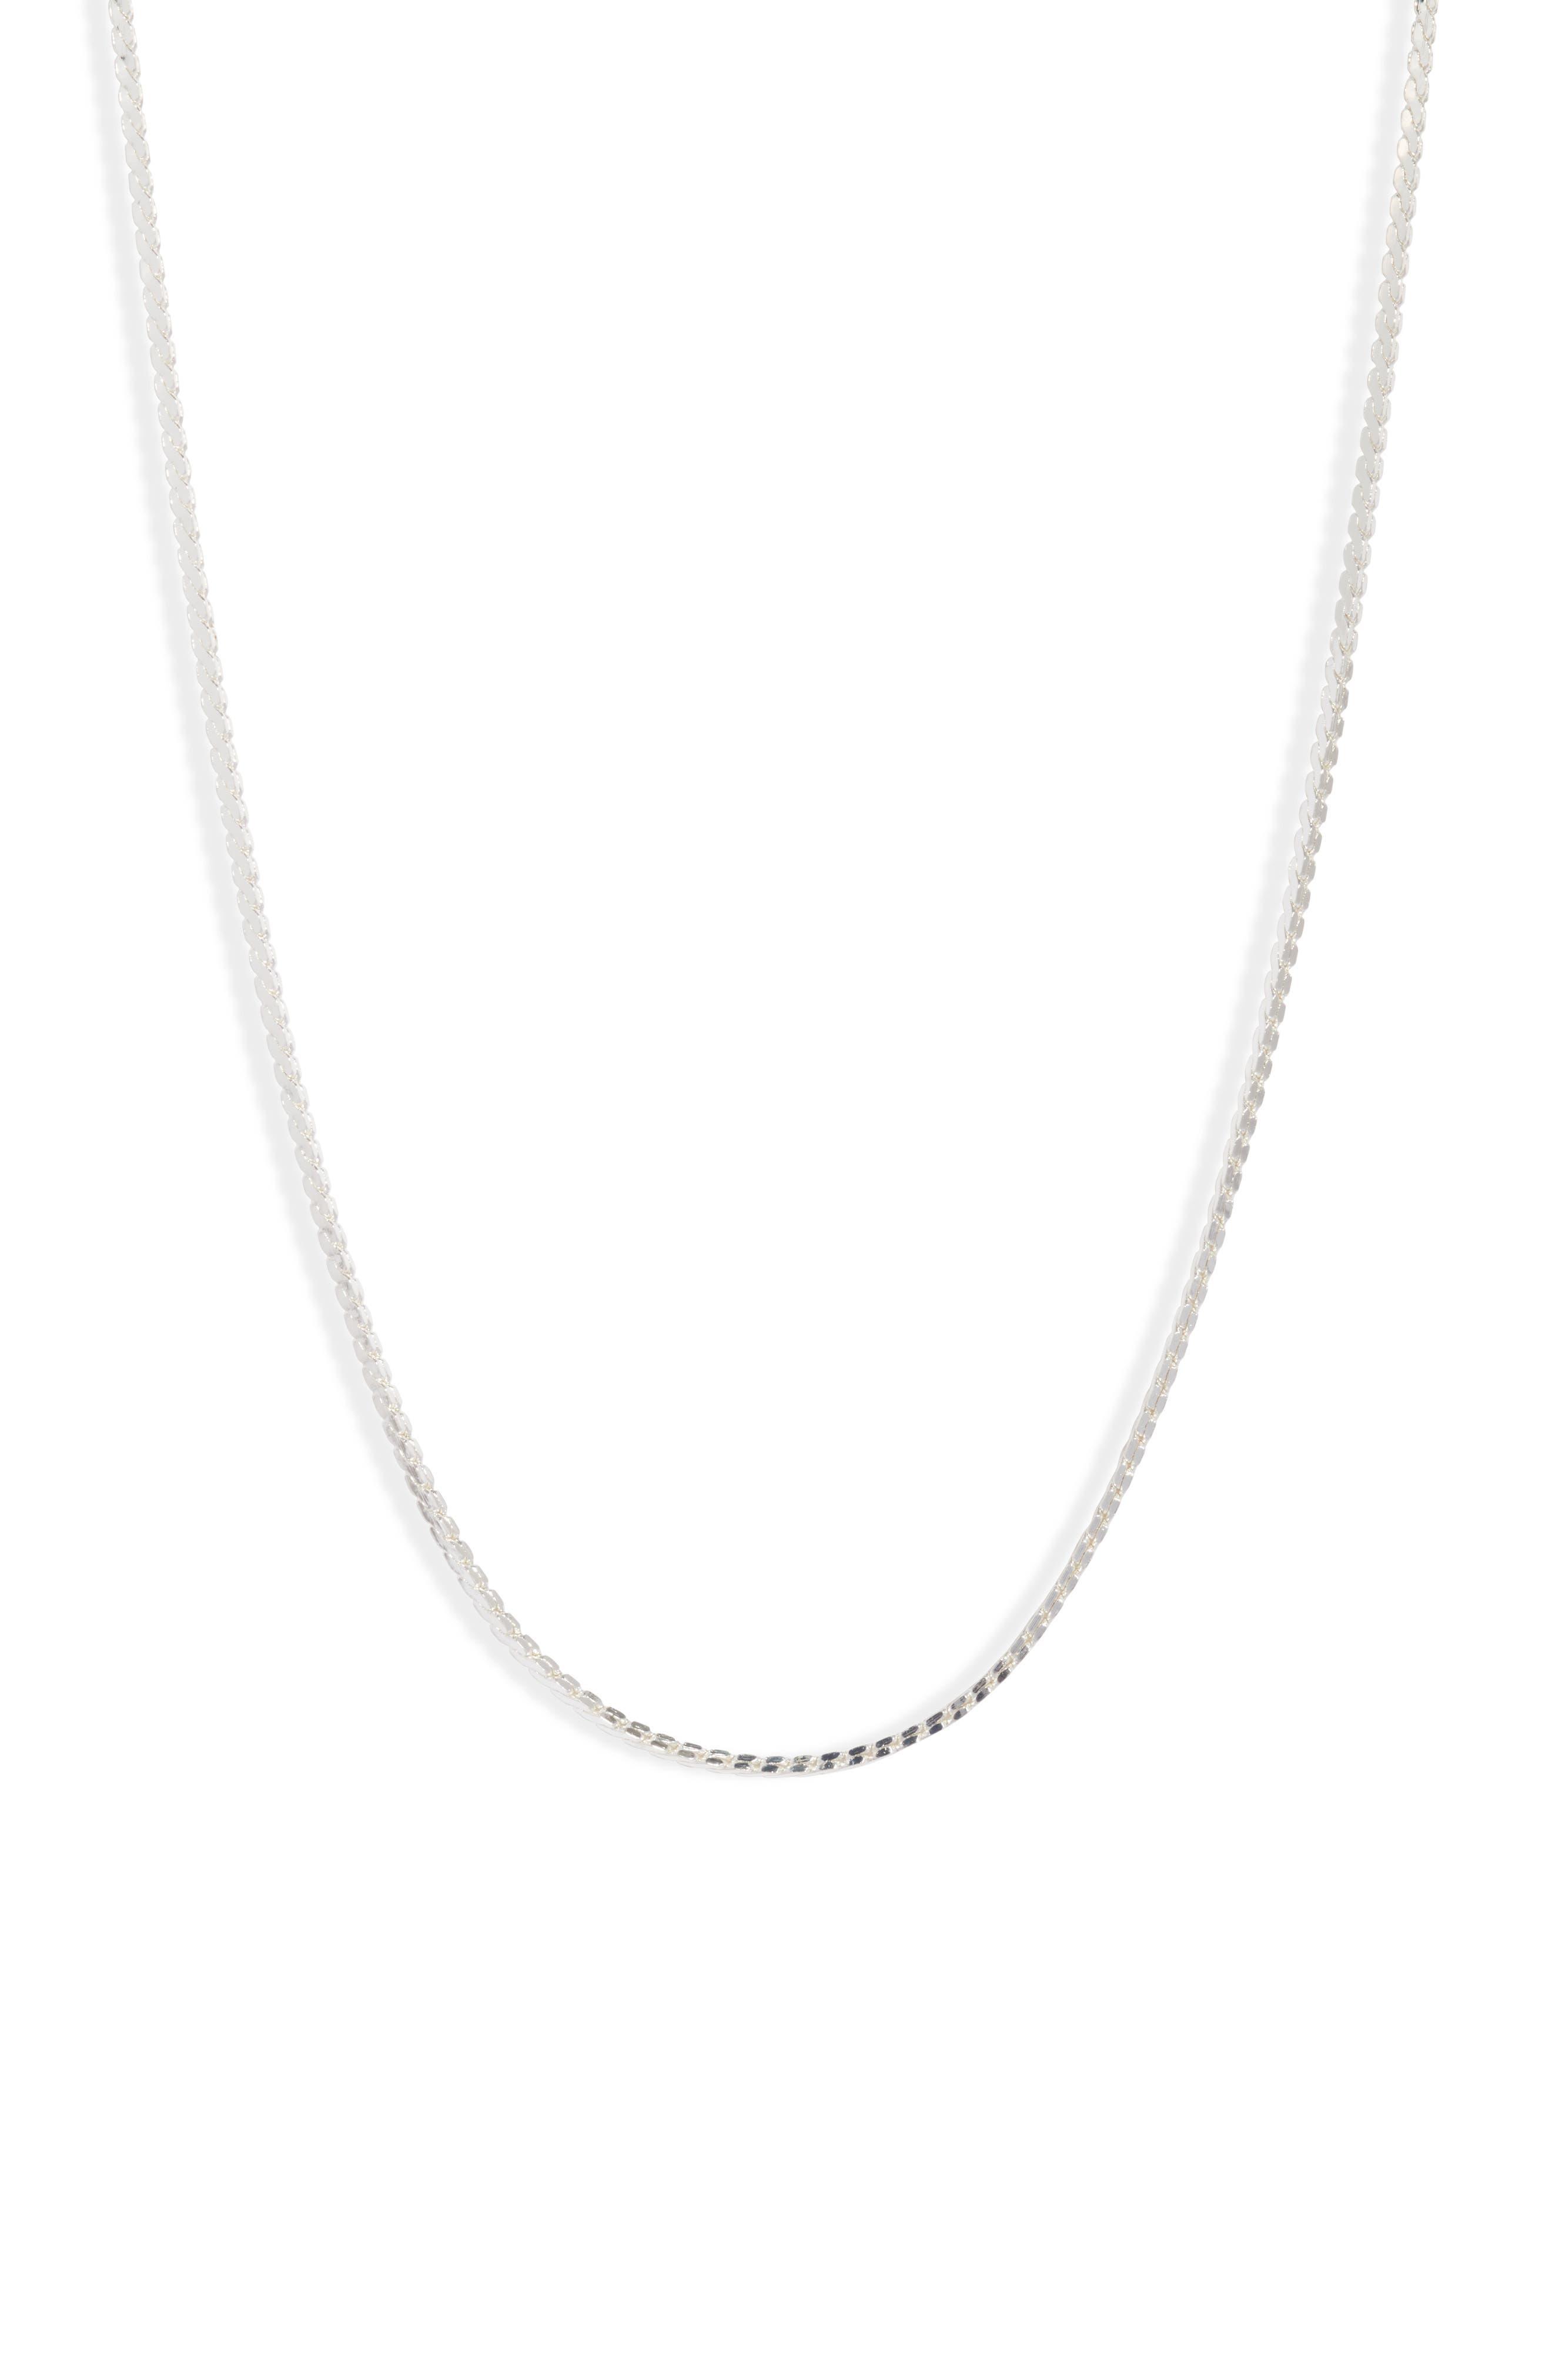 Sarain Chain Necklace